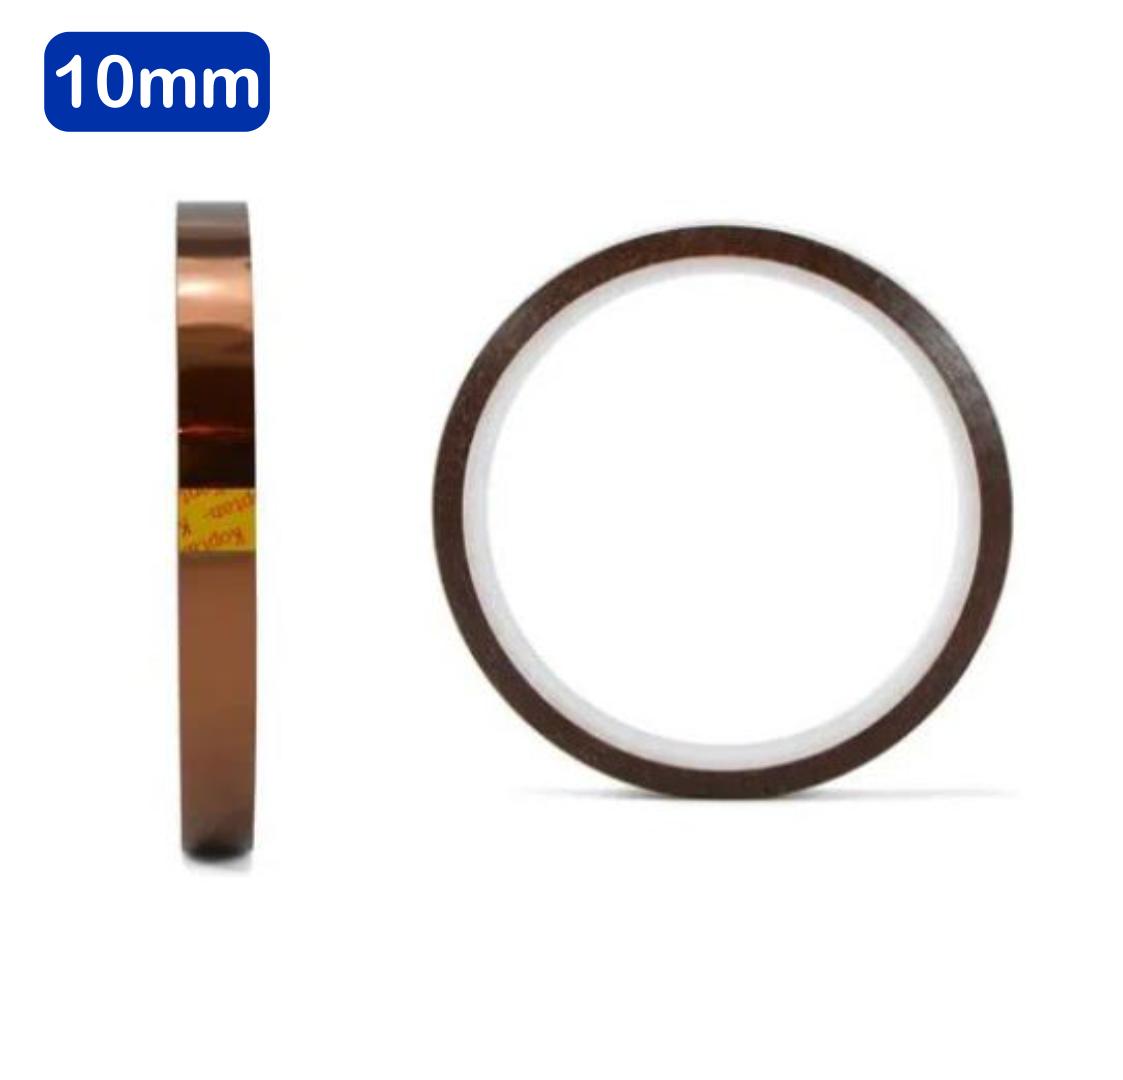 Fita Adesiva Térmica - 10mm - Prokor